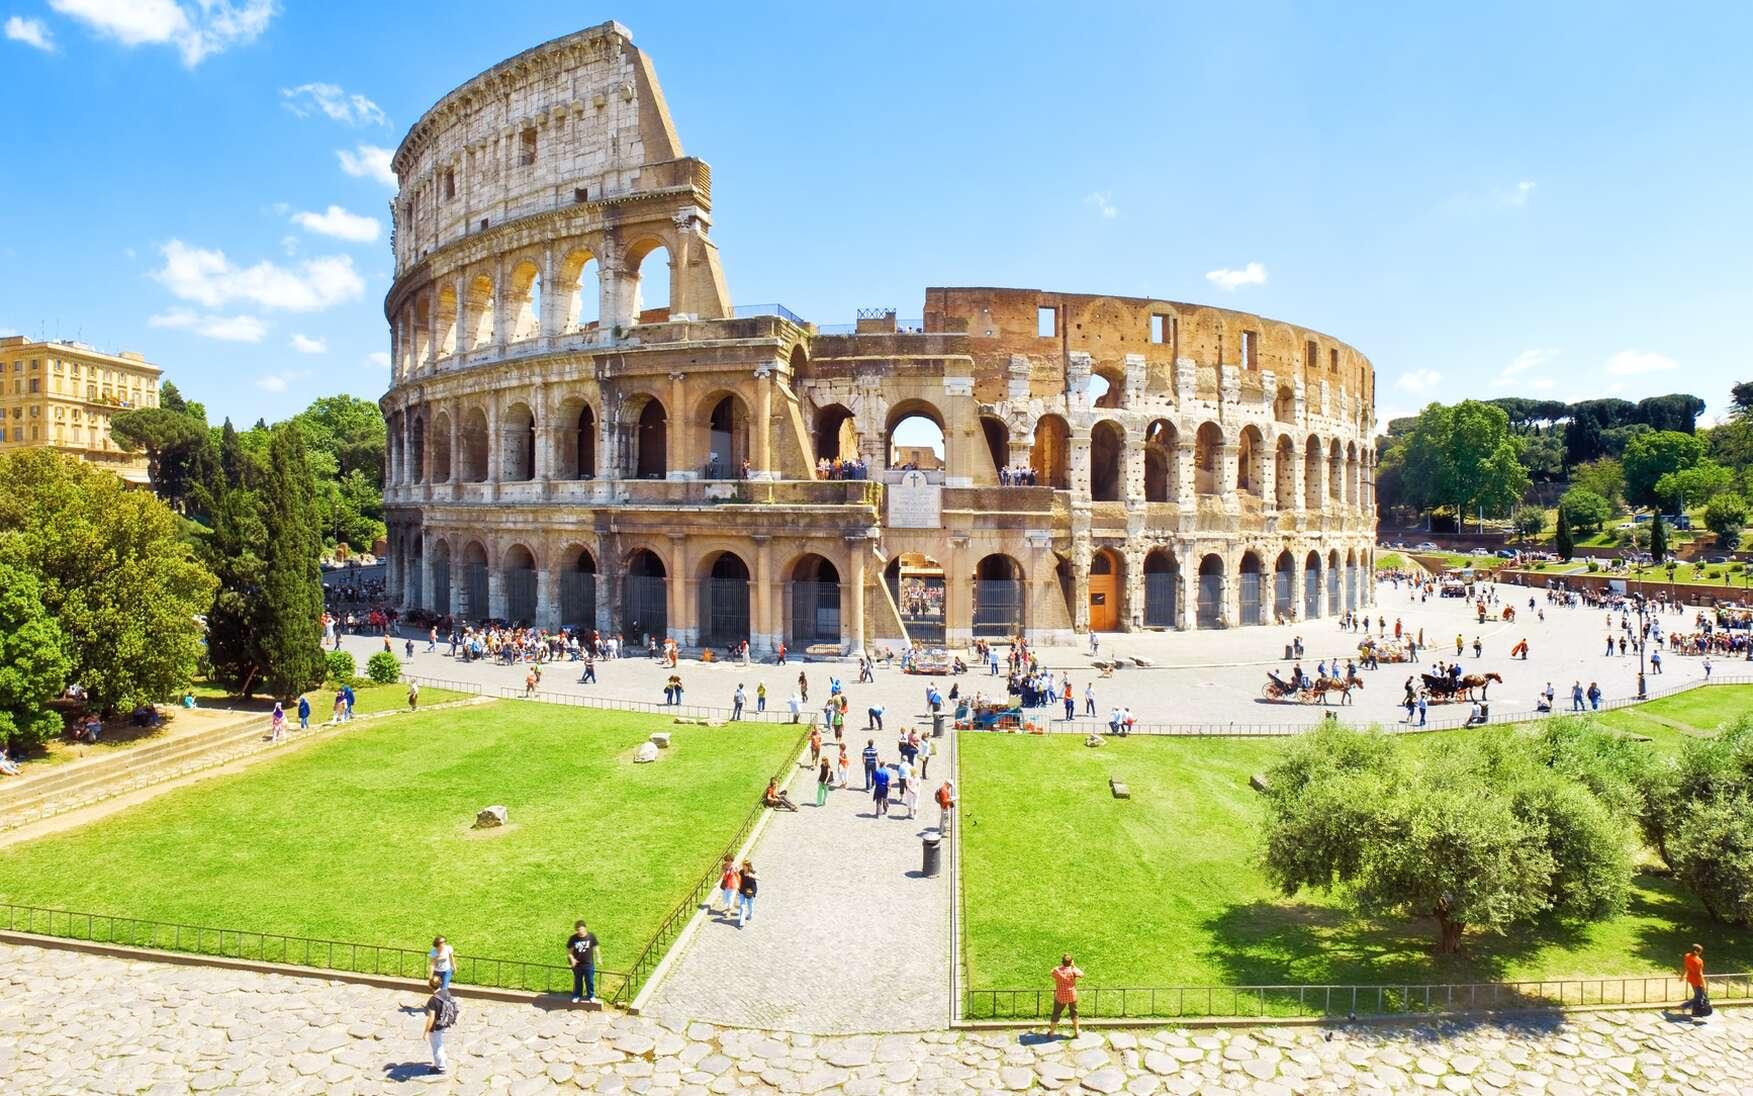 Rome et ses monuments célèbres. © fabiomax, Fotolia